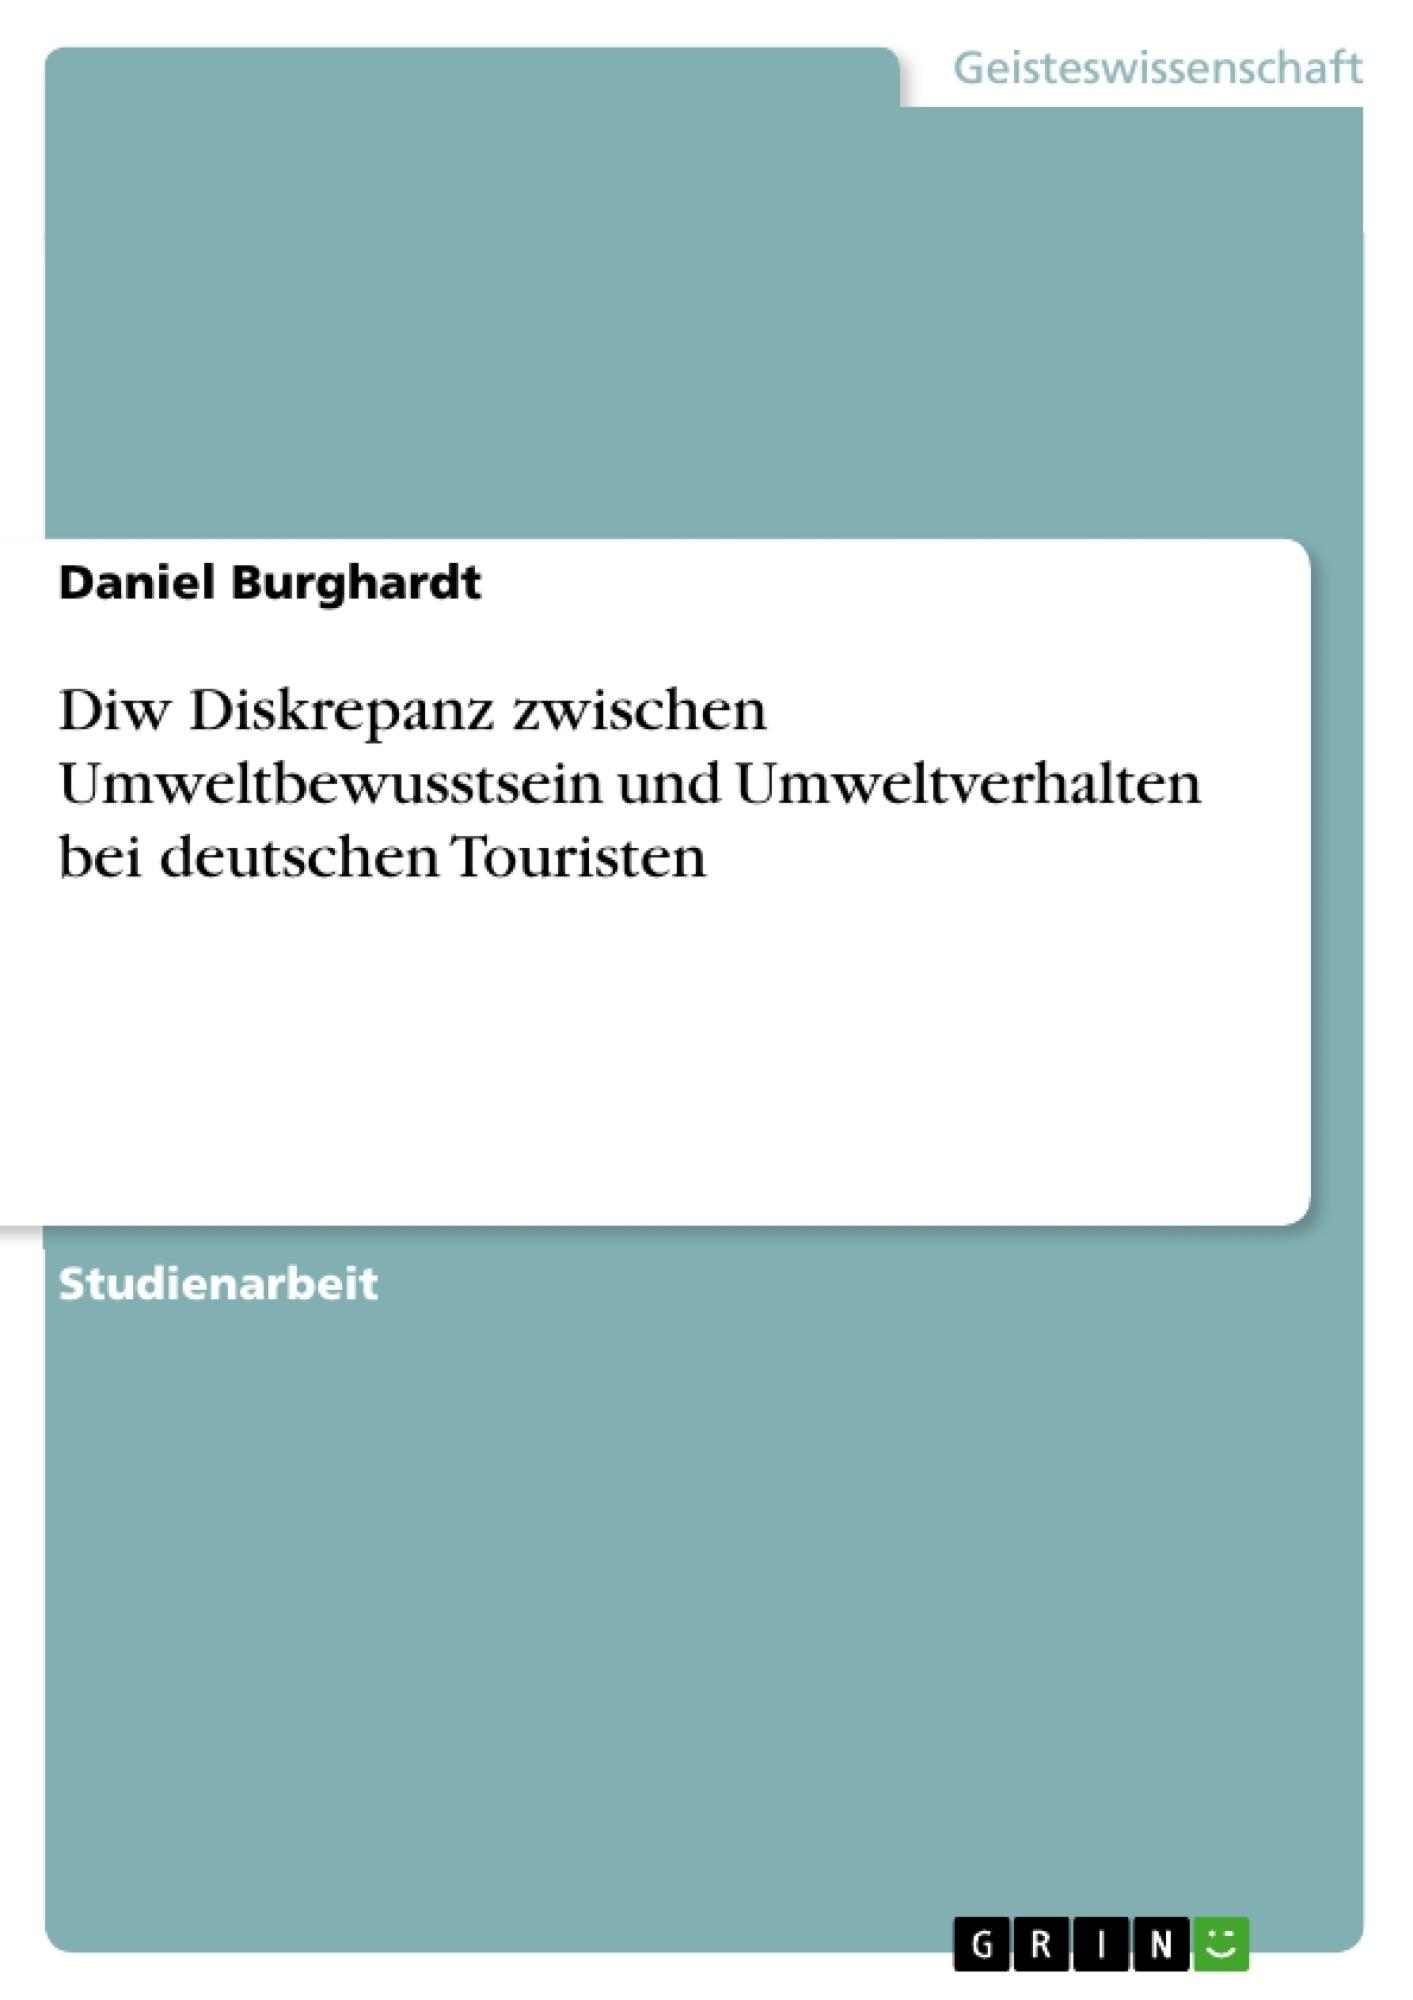 Titel: Diw Diskrepanz zwischen Umweltbewusstsein und Umweltverhalten bei deutschen Touristen